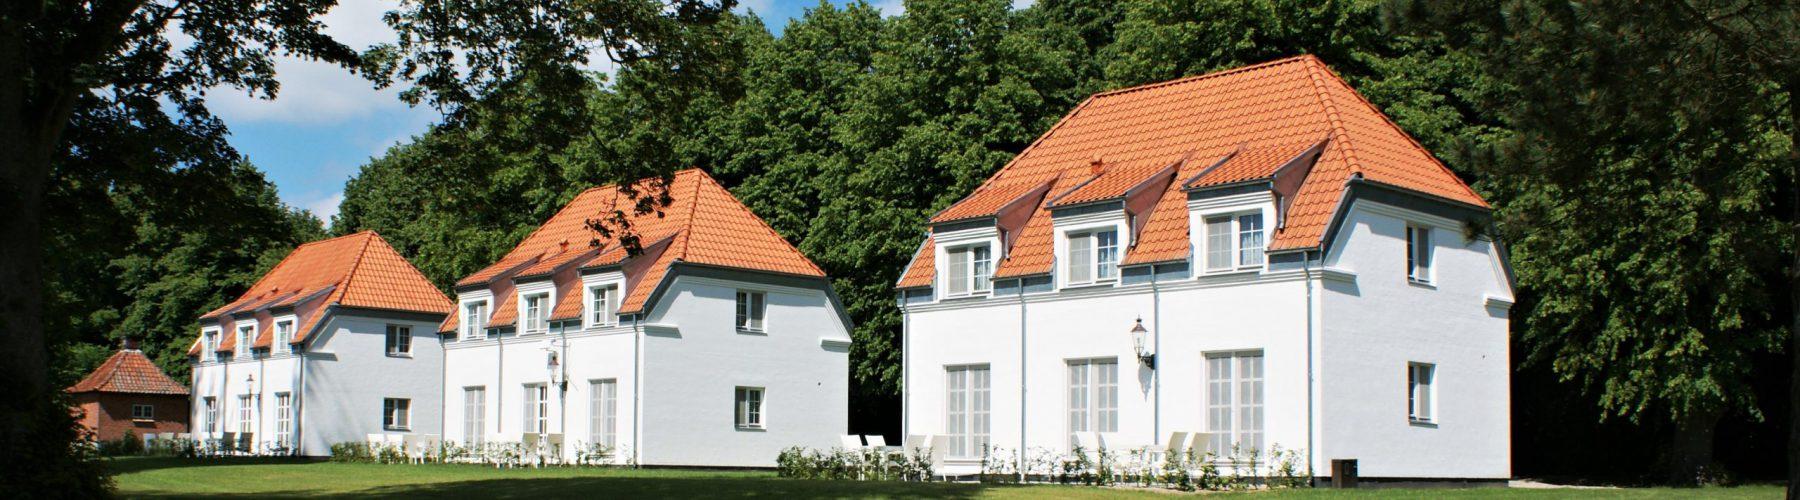 Hvedholm Slot Palæ